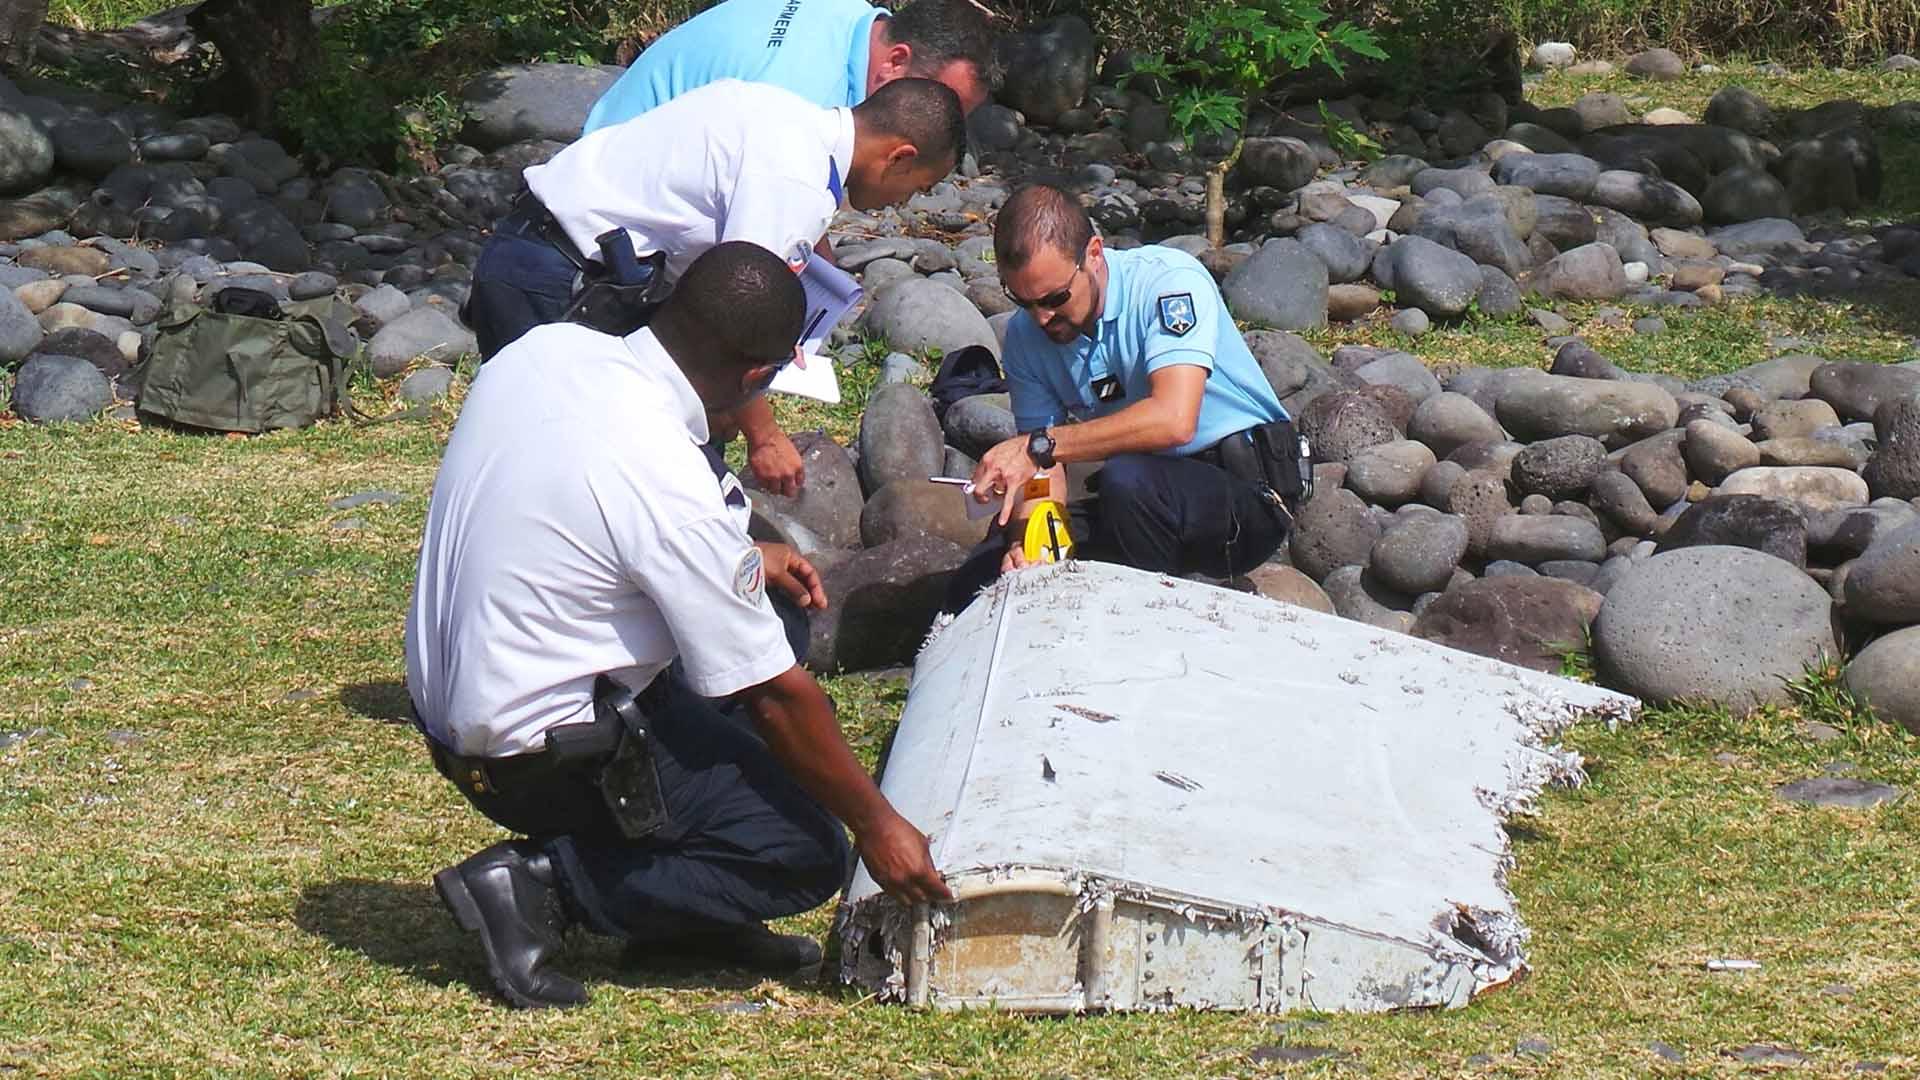 Se retoma la búsqueda en zona donde se halló trozo de avión malasio en La Reunión